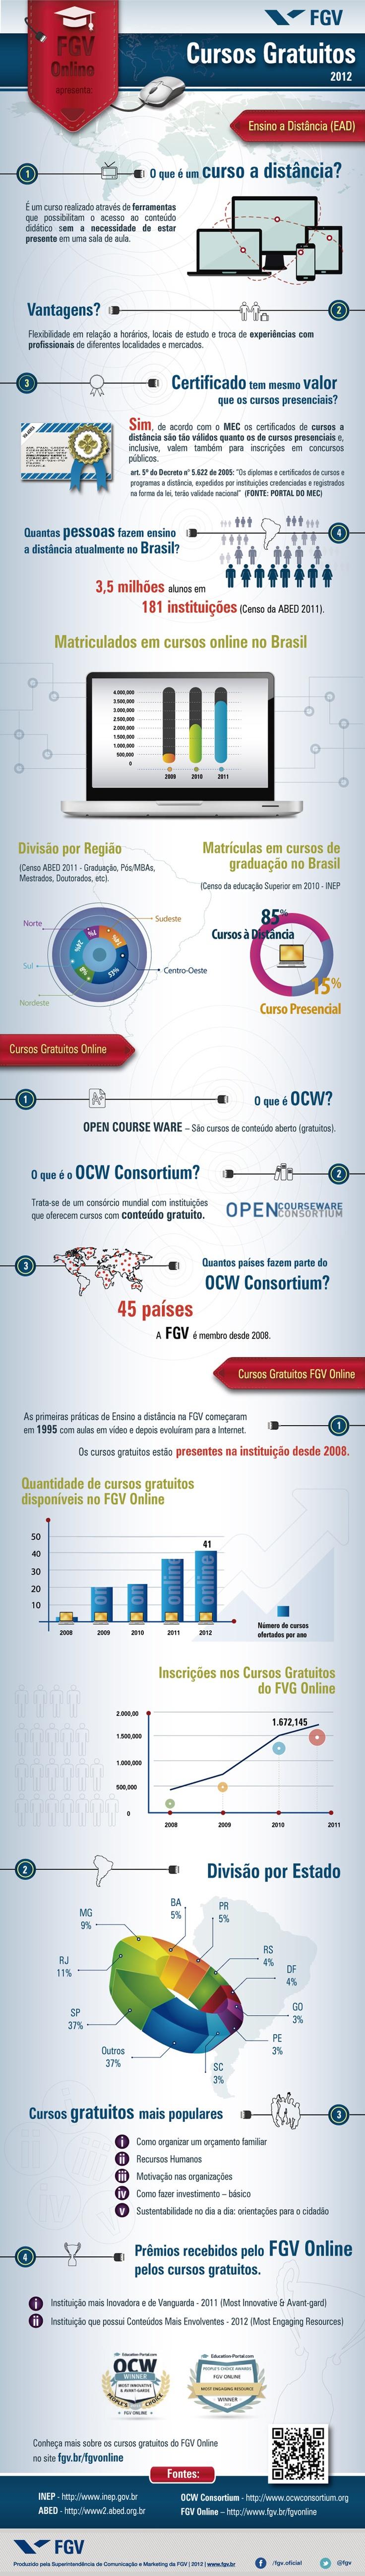 Infográfico - FGV Online - Cursos Gratuitos | Portal FGV